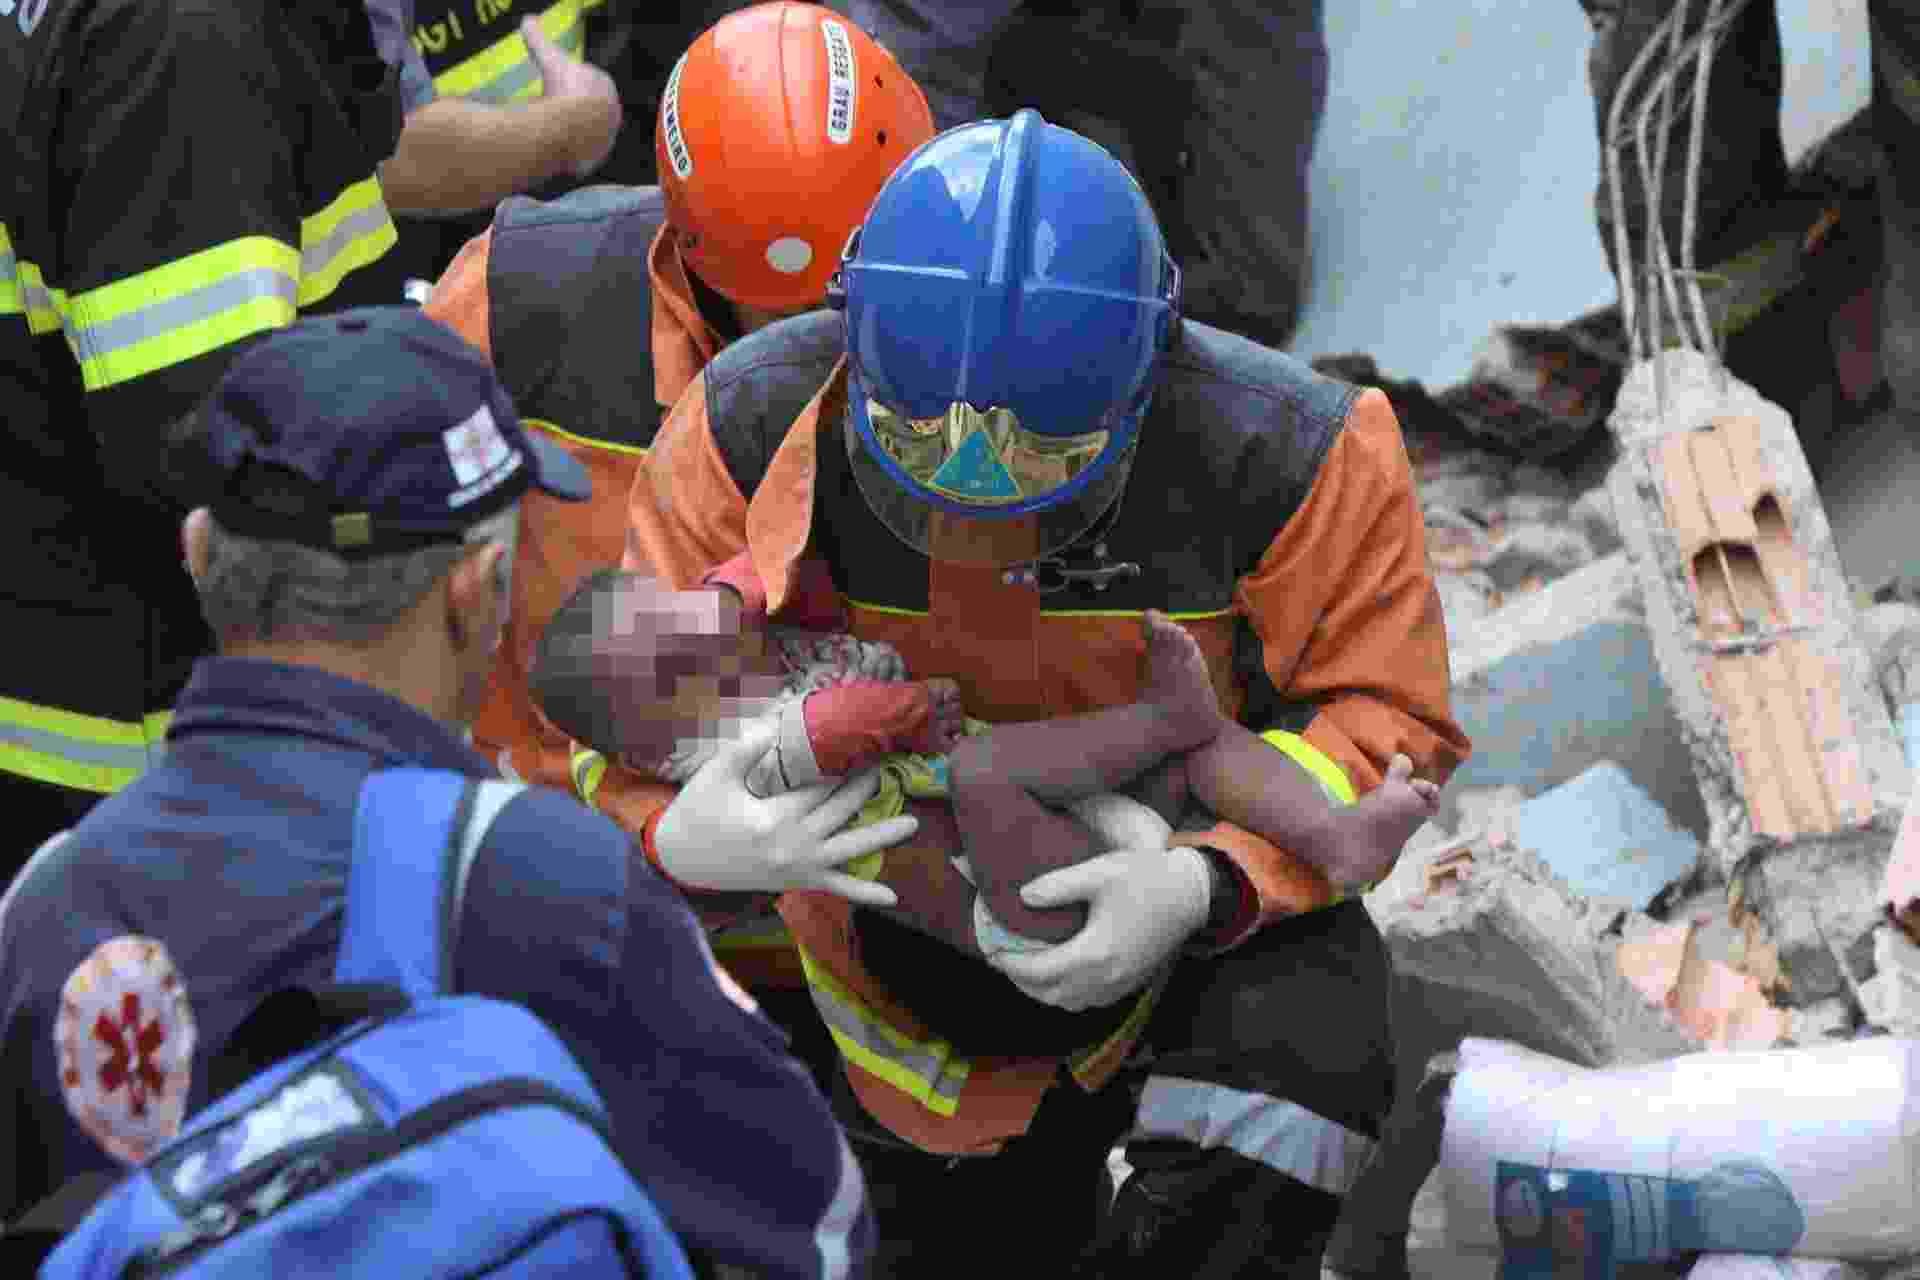 19.ago.2013 - Criança vítima de explosão de gás em uma casa na Brasilândia, zona norte de São Paulo, é resgatada dos escombros por equipe do Corpo de Bombeiros nesta segunda-feira. Segundo a corporação, ao menos quatro pessoas estavam dentro da residência no momento do acidente. Às 12h45 a última delas foi resgatada. A casa ficou completamente destruída. Ao menos 13 carros dos bombeiros, além do helicóptero Águia, da Polícia Militar, foram enviados para o local da ocorrência - Marcos Bezerra/Futura Press